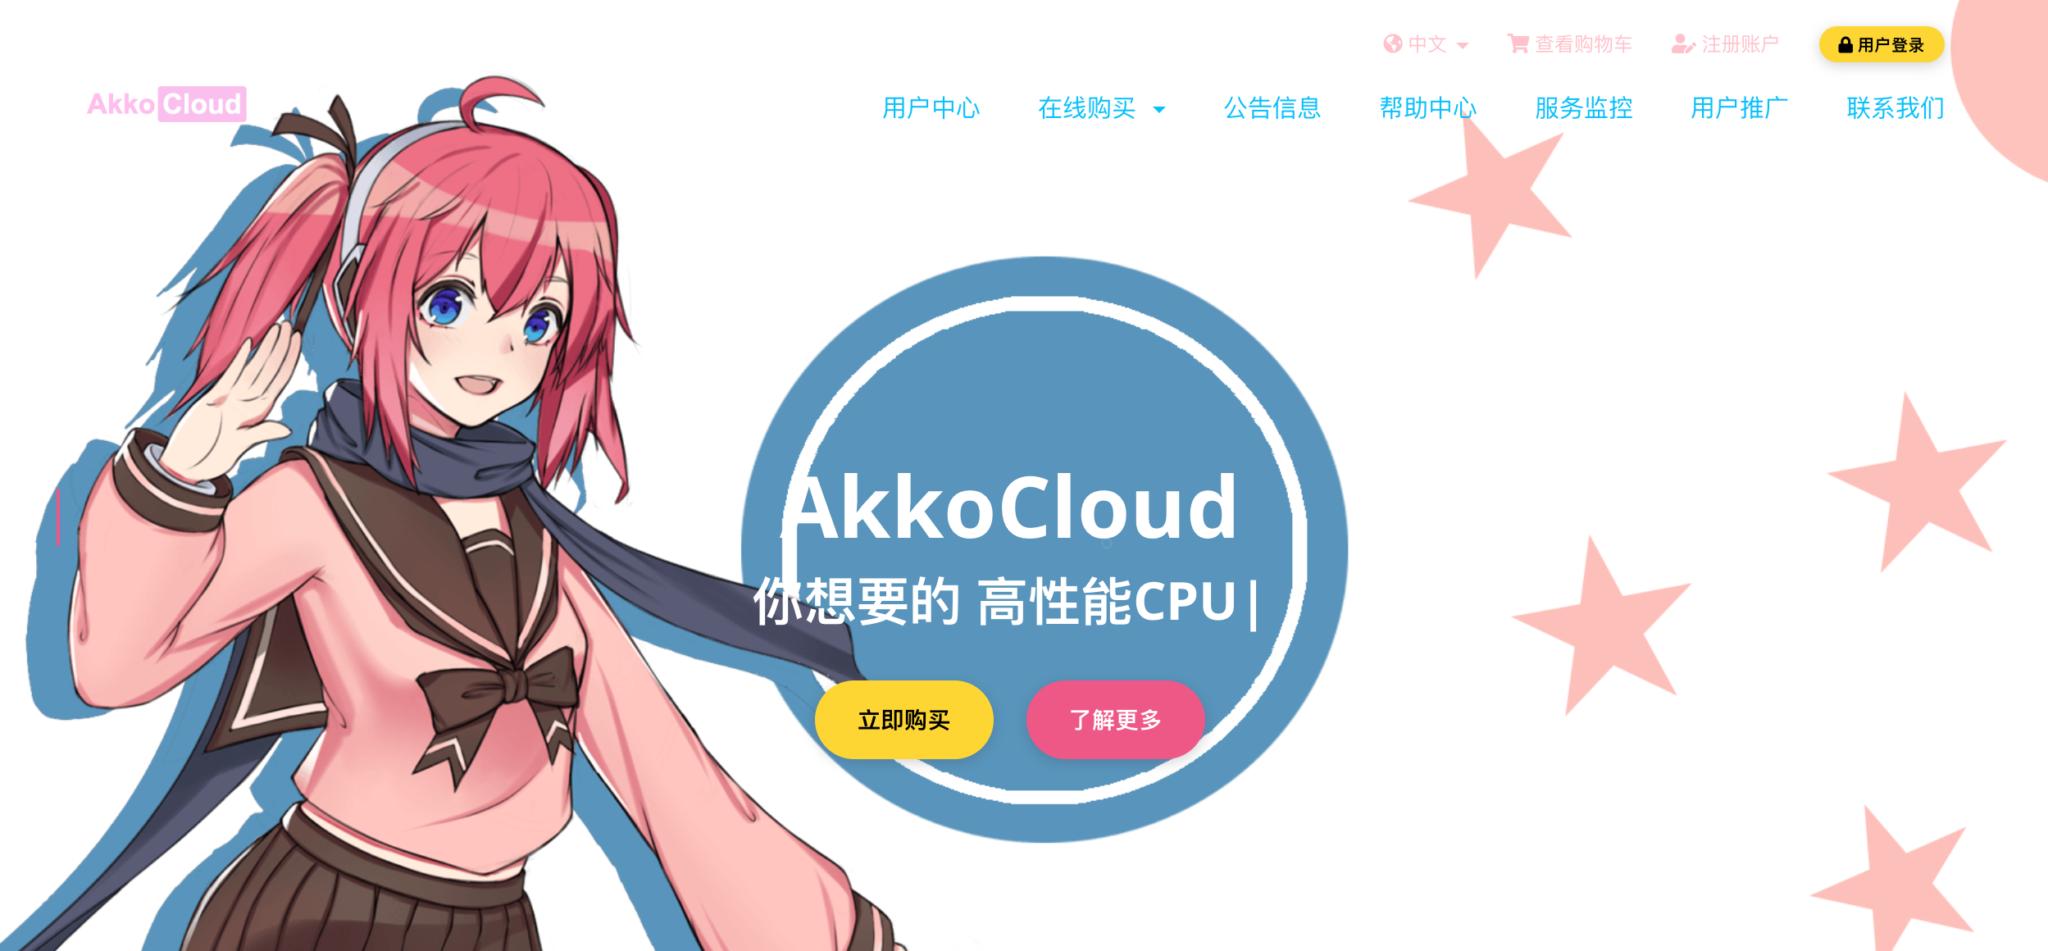 AkkoCloud 镇江BGP E5独服补货,双路E5-2695v2/64G内存/月付仅4¥99